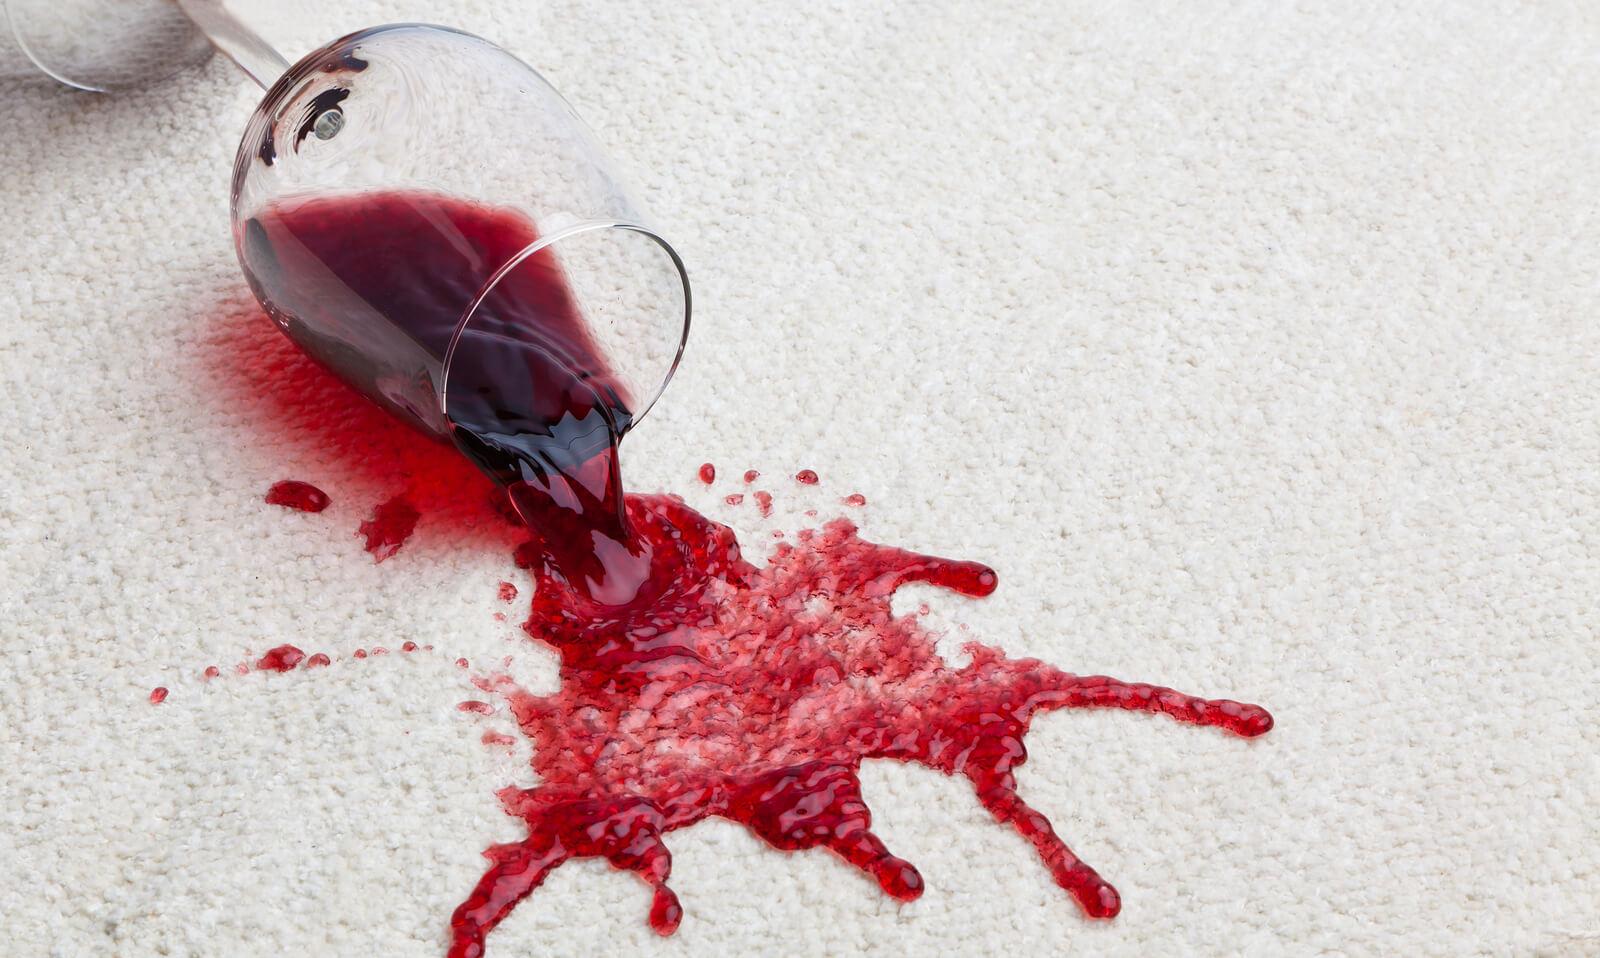 Как удалить пятна красного вина с ковра, ткани и плитки?